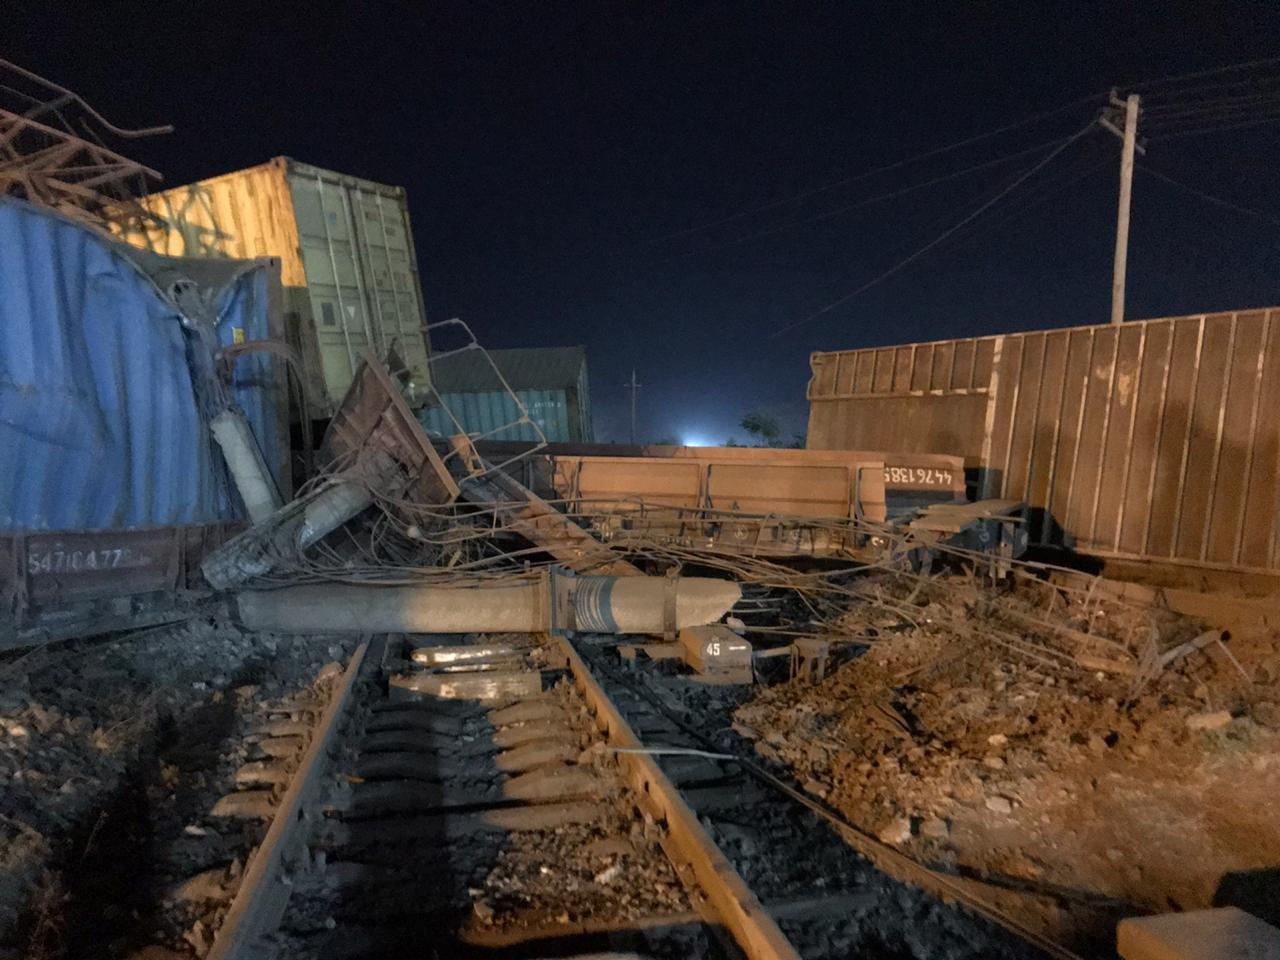 Сход 13 вагонов с опрокидыванием произошел в Шымкенте. Пострадавших нет, фото-1, Пресс-служба МЧС РК